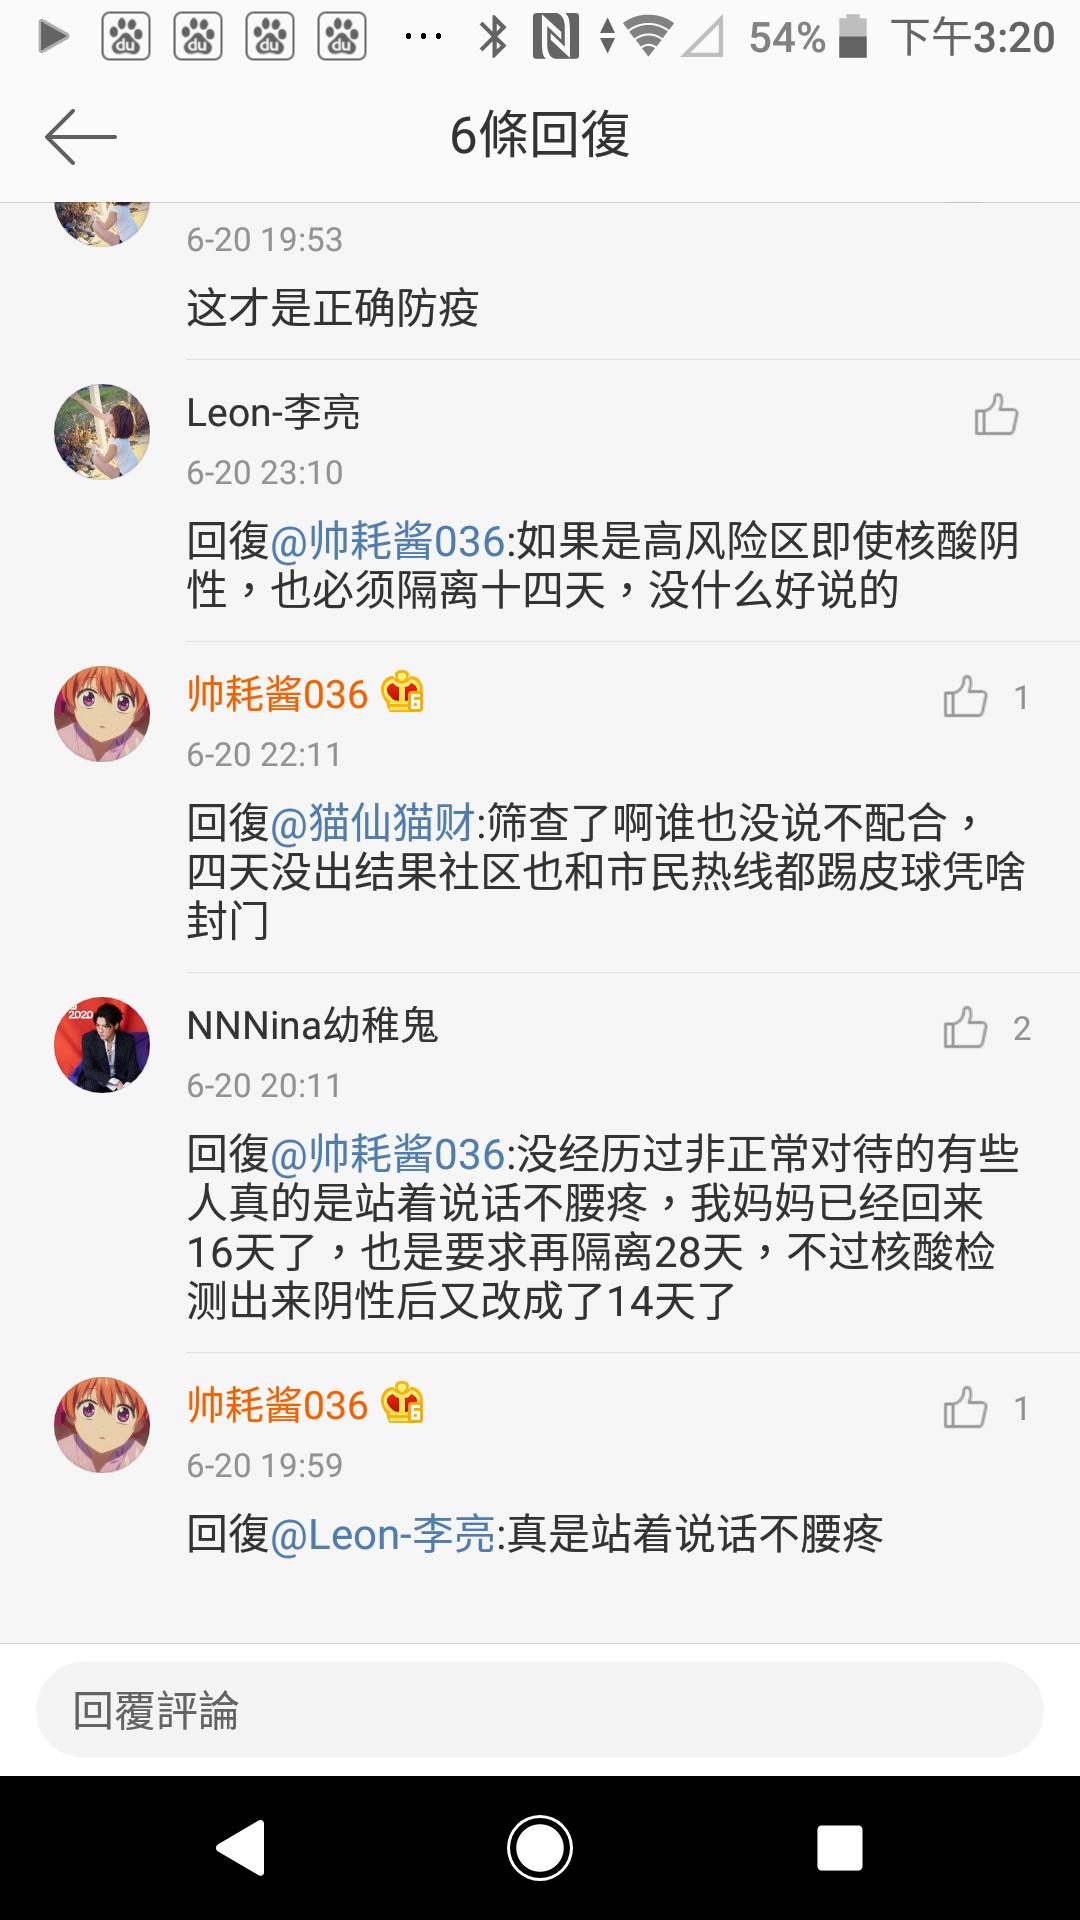 核酸檢測,北京市民反饋檢測幾天後都查不到結果,查詢網站一直癱瘓上不去。(網絡截圖)